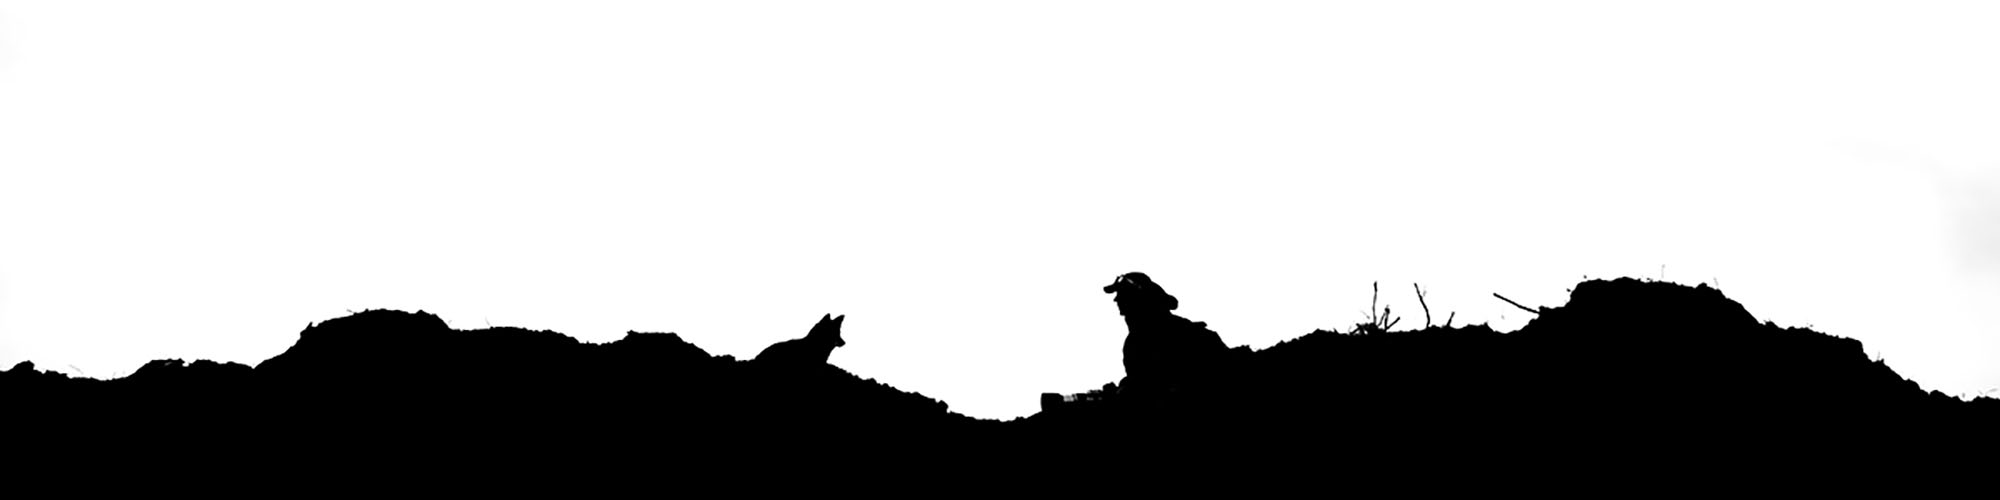 Roeselien fox silhouette